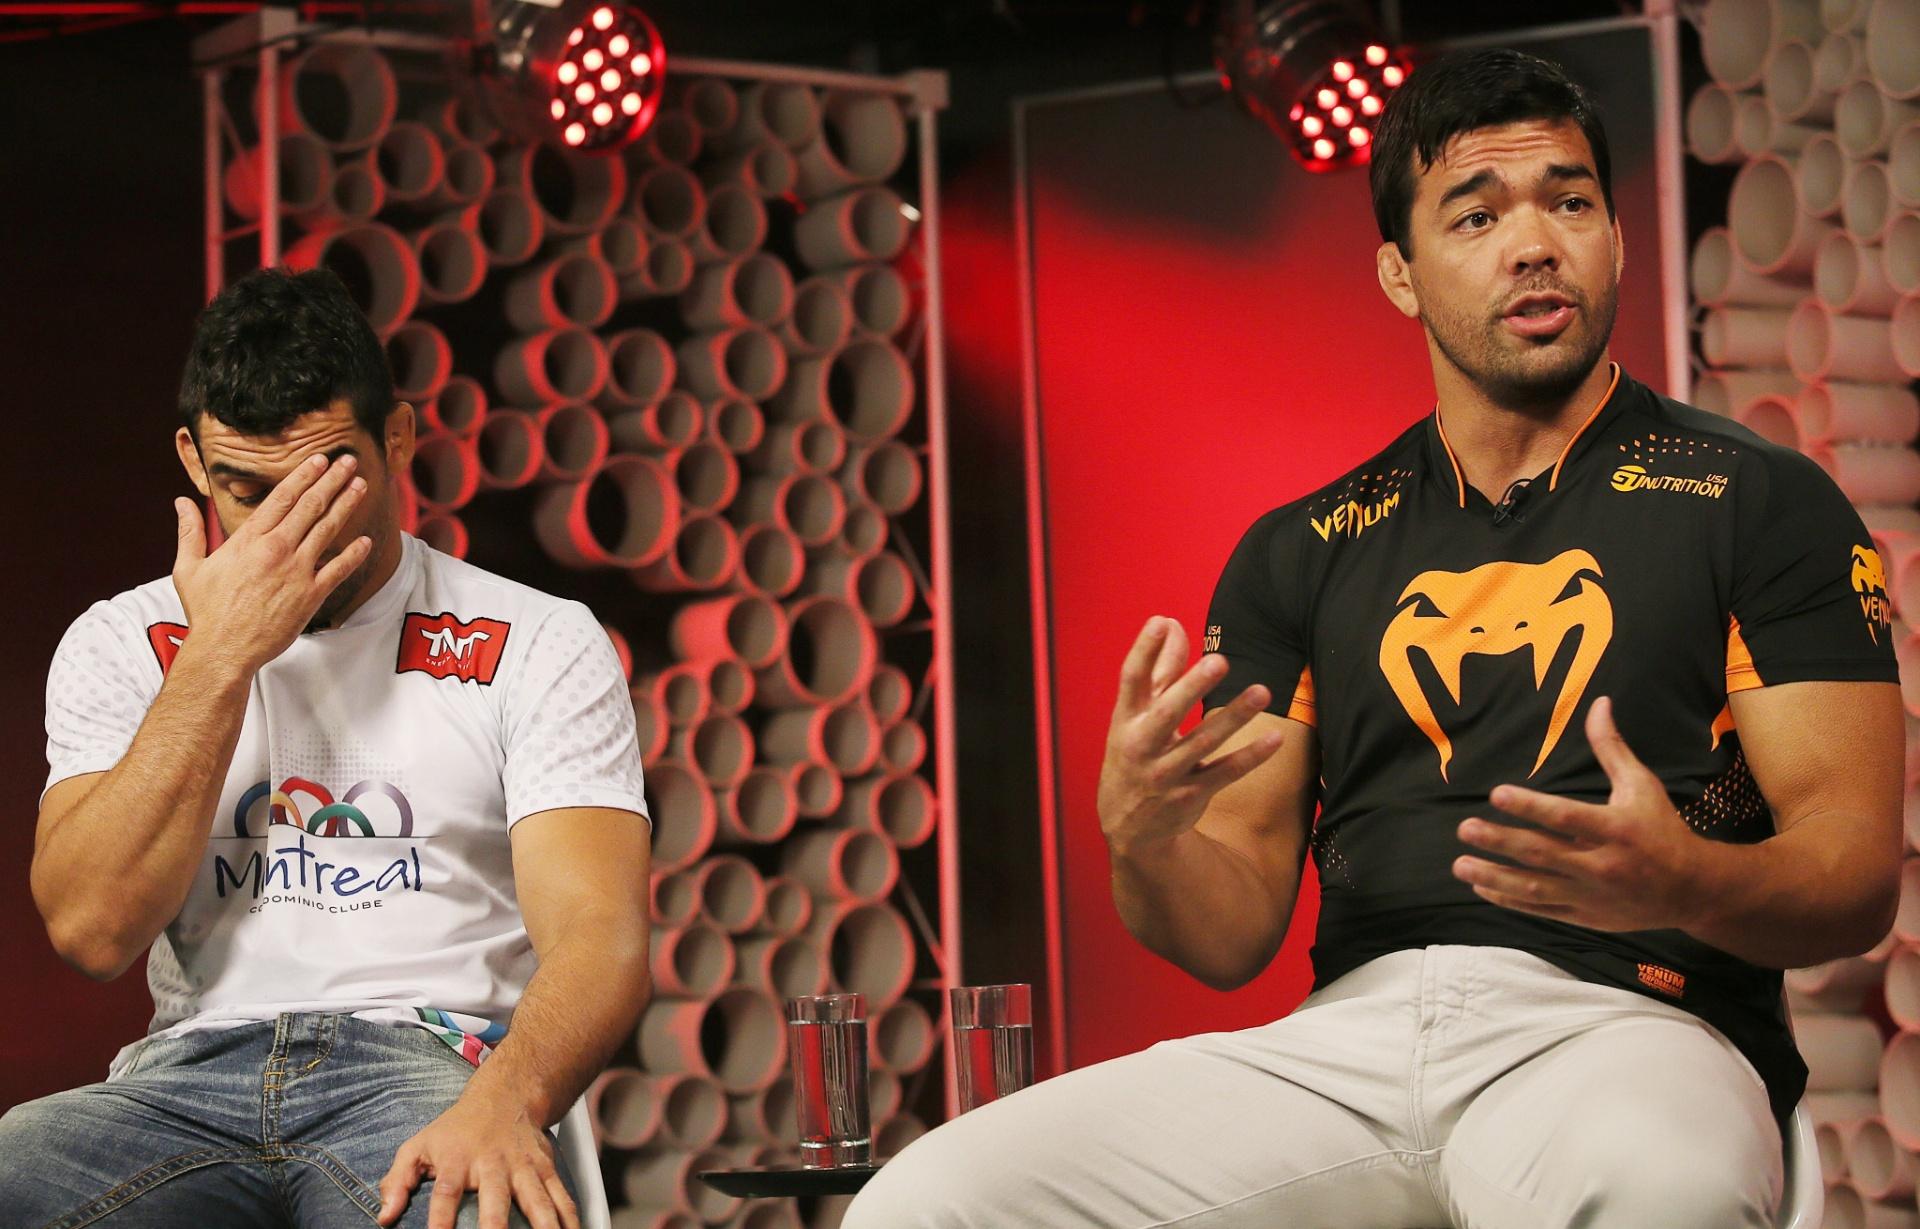 29. out. 2014 - Lyoto Machita gesticula durante entrevista ao UOL Esporte